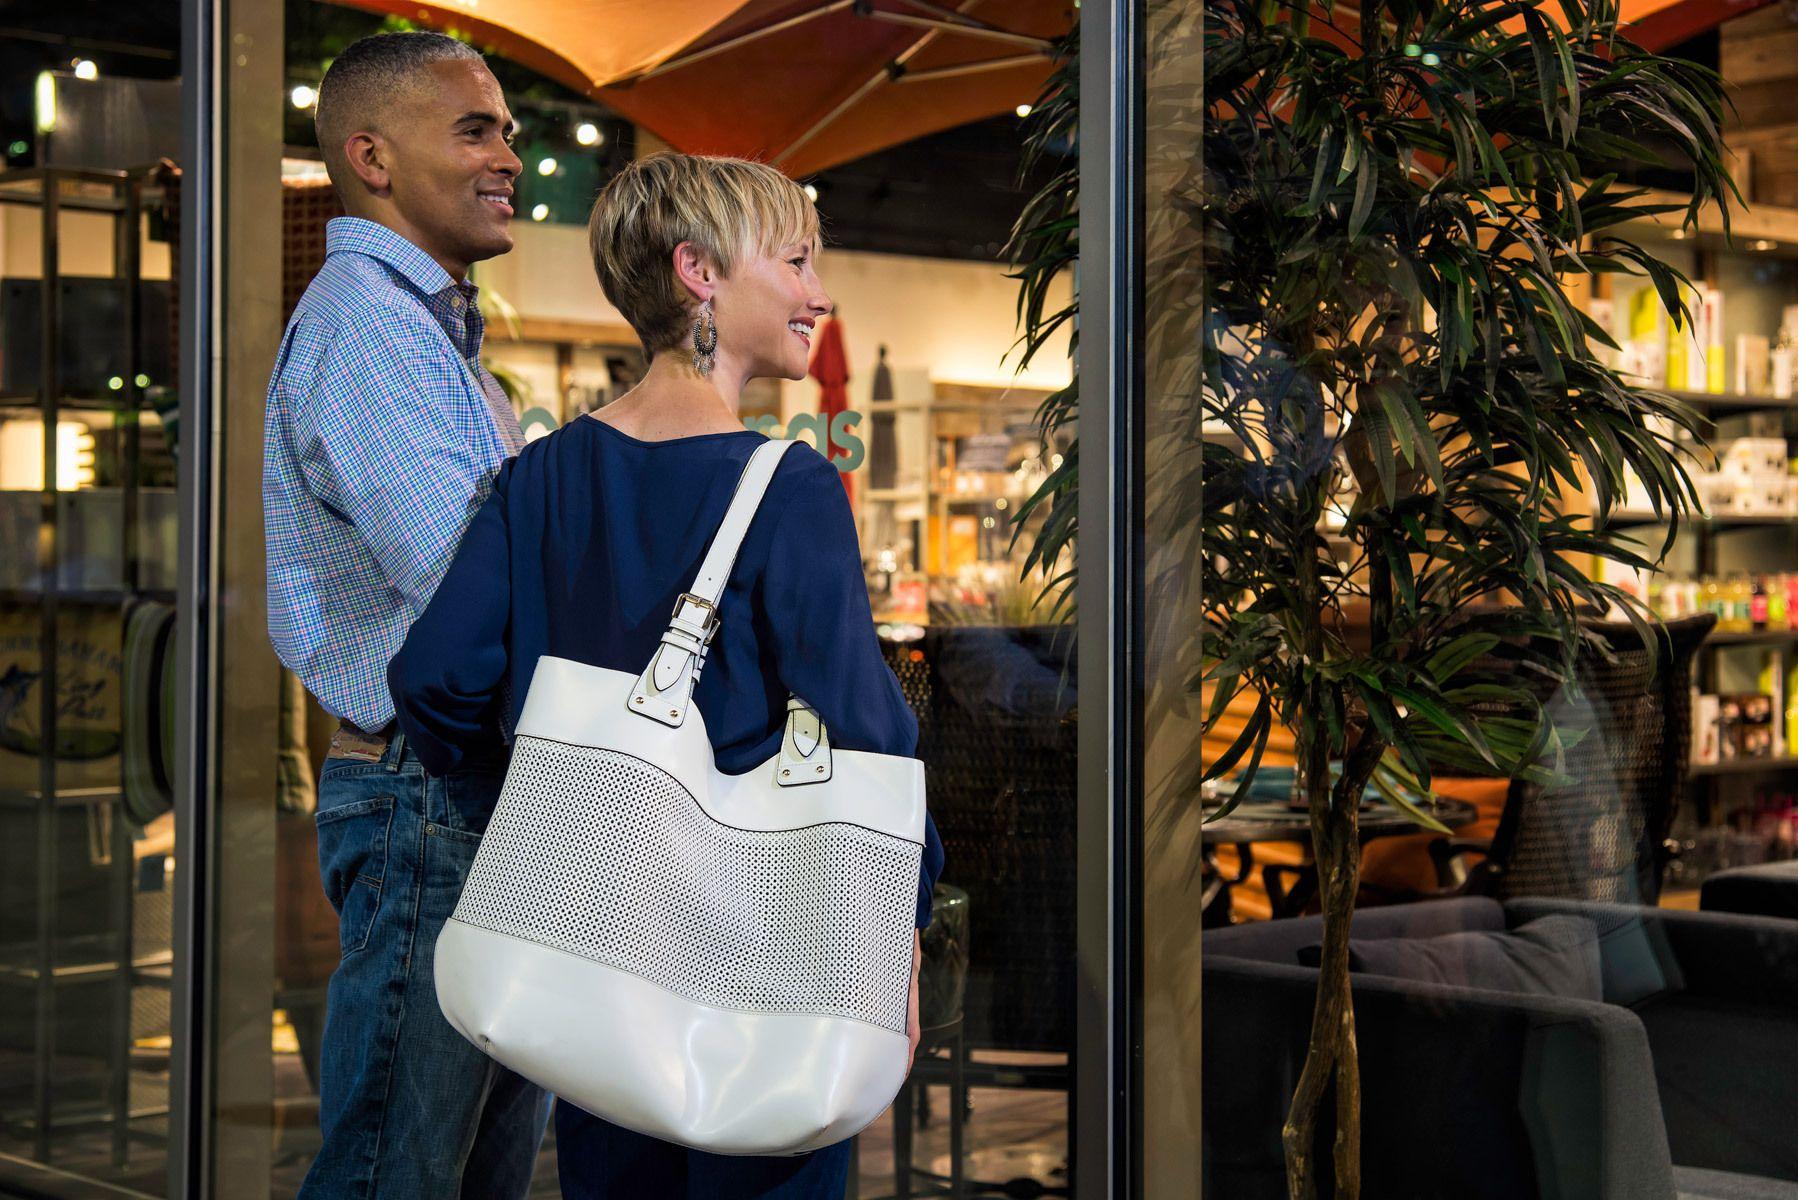 Bi-racial Couple window shopping